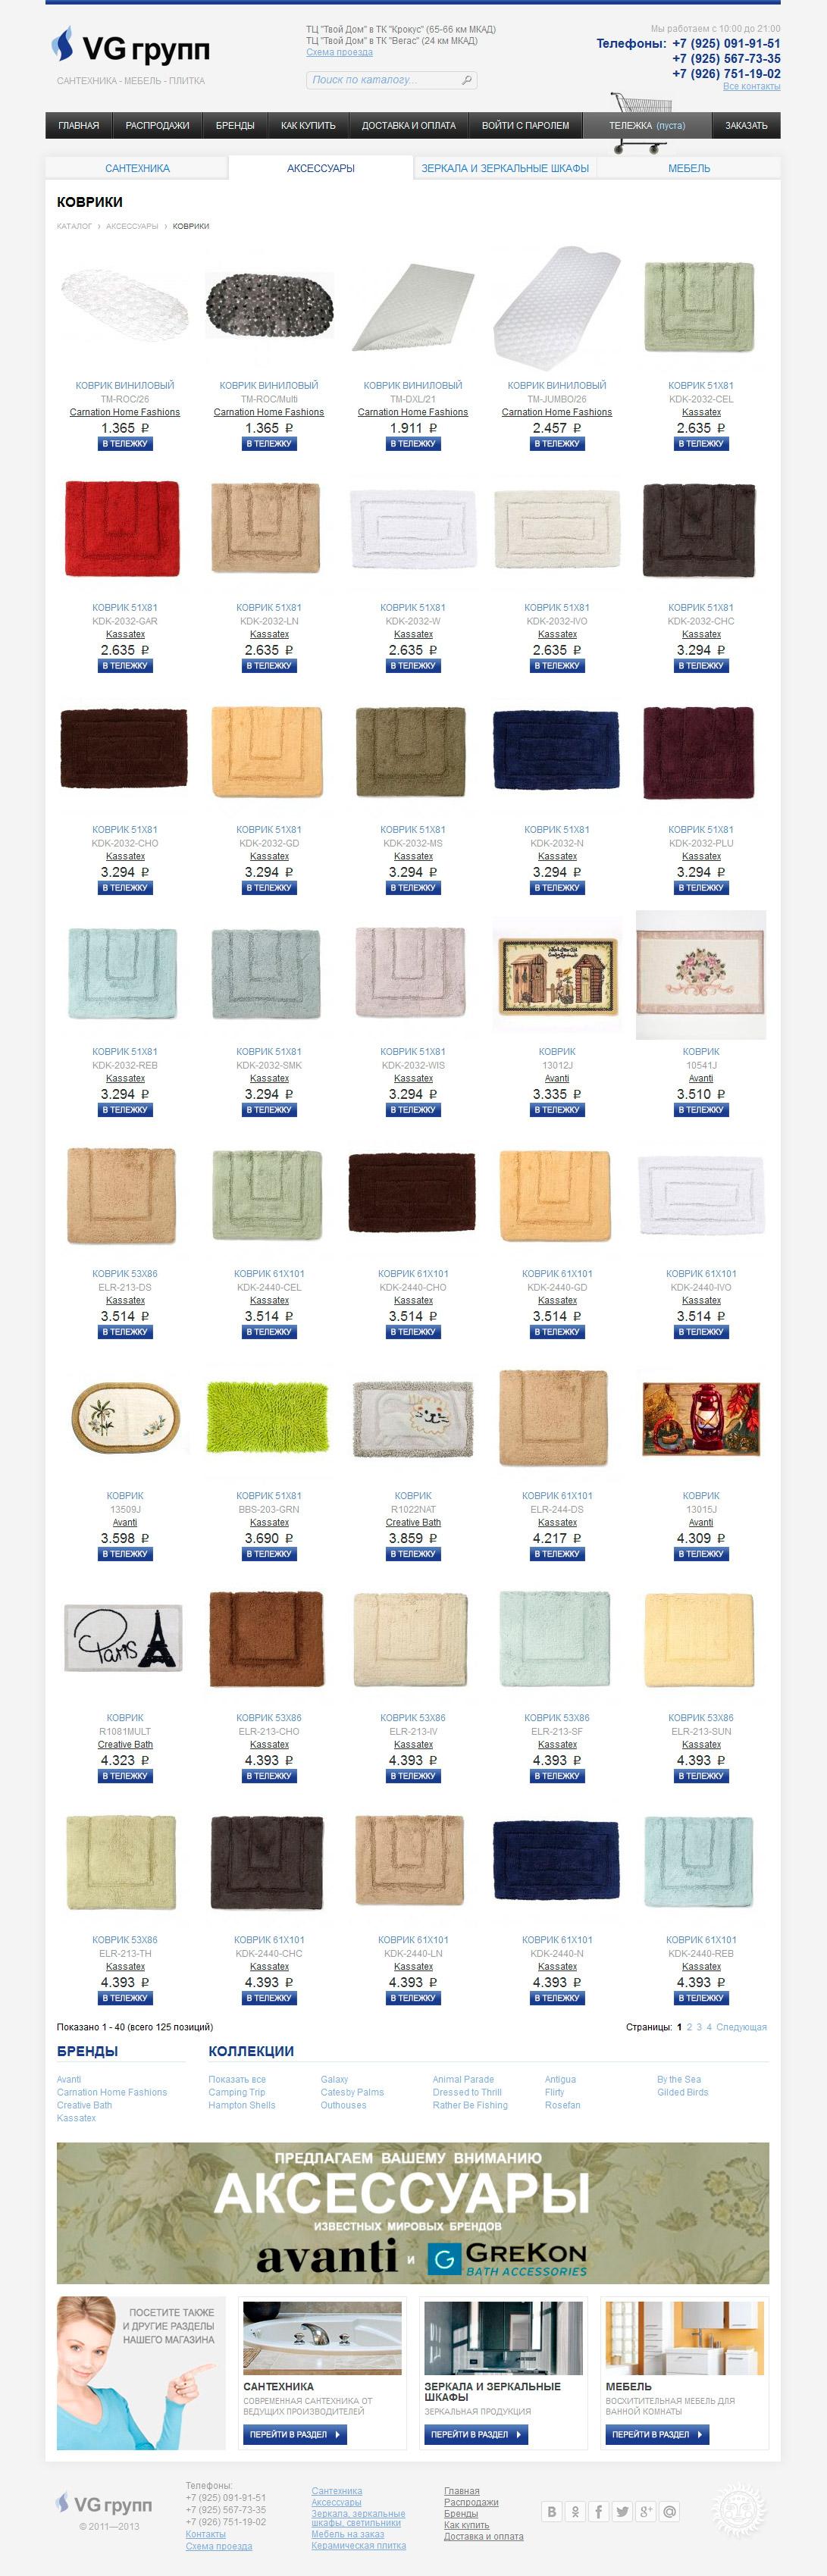 Подраздел интернет-магазина: список товаров